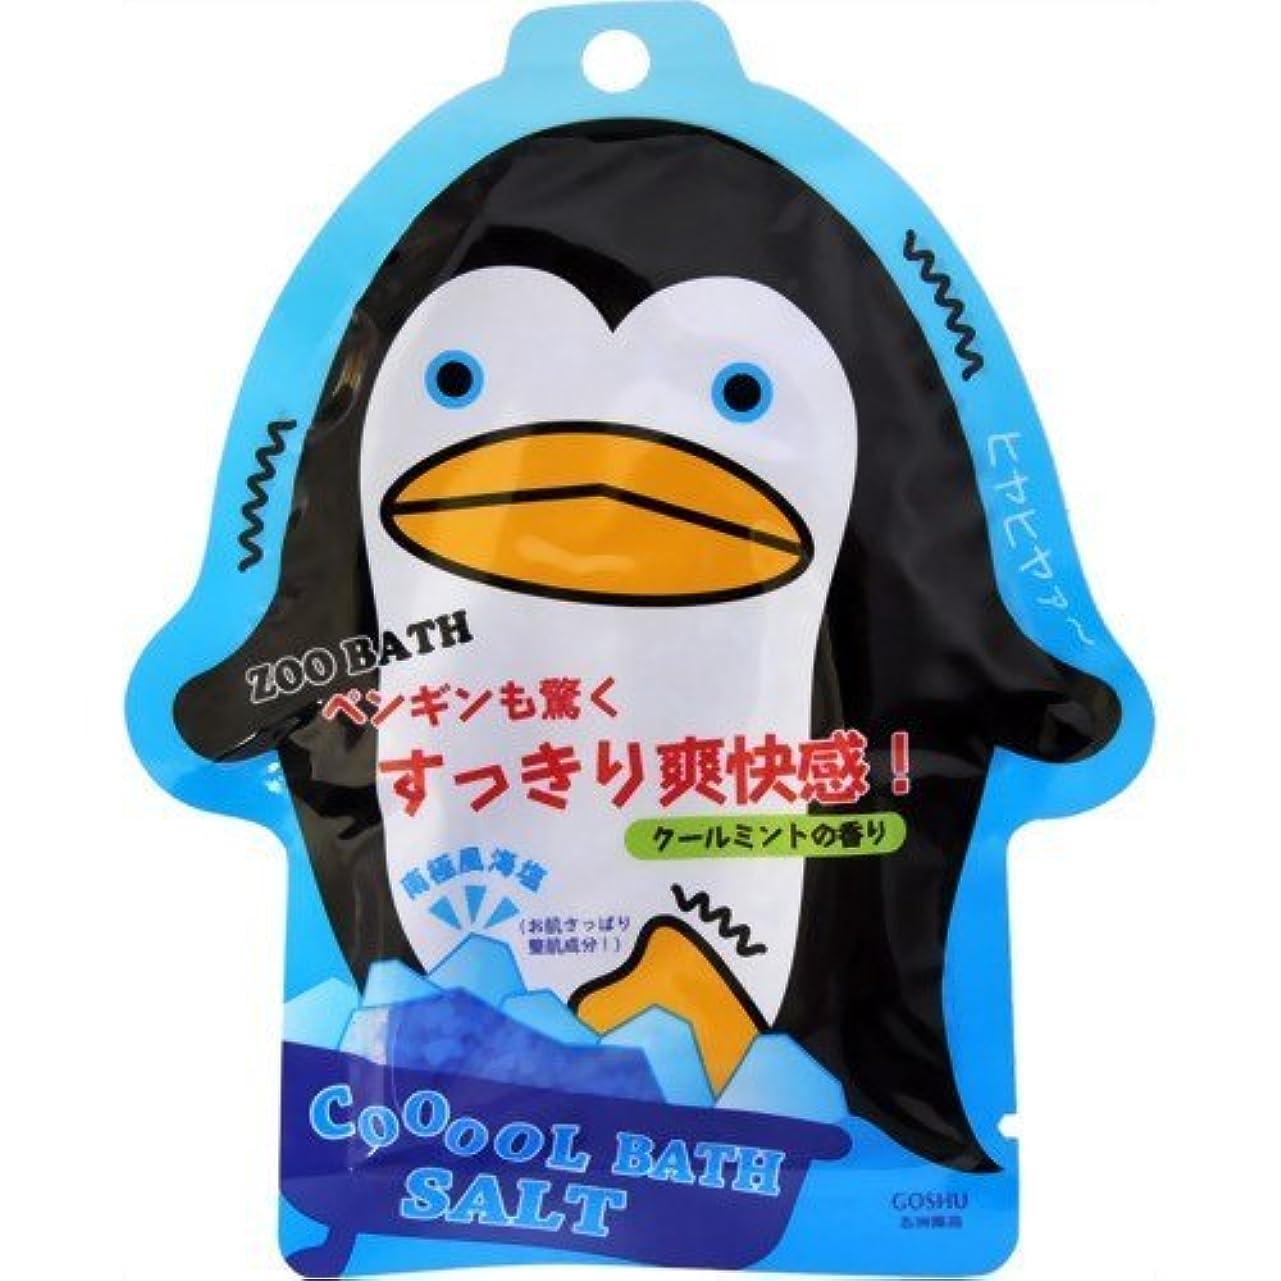 口稼ぐ人事ズーバス ペンギン バスソルト 50g(入浴剤 バスソルト)